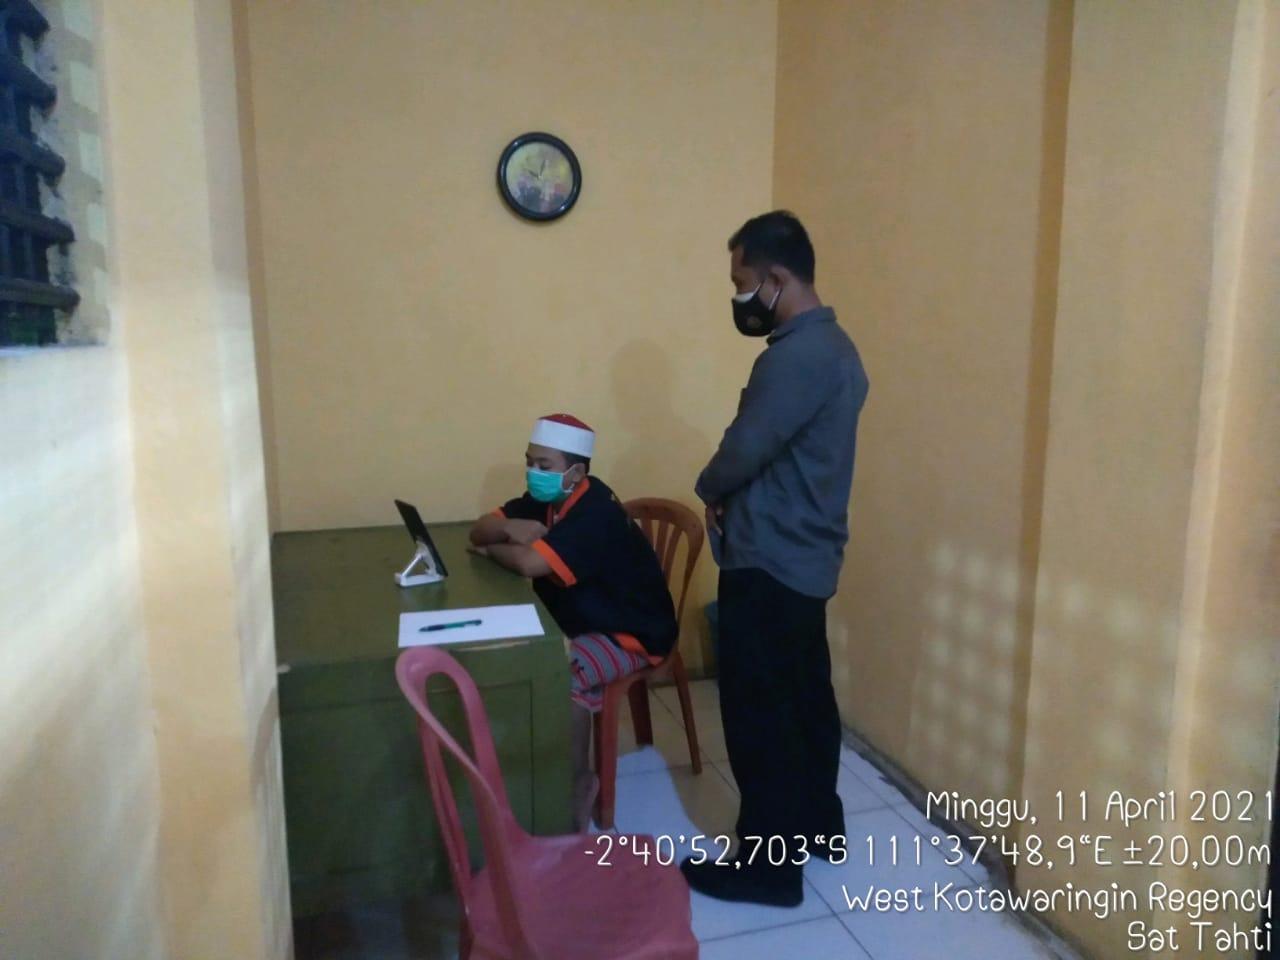 Agenda rutin sarana sistem jenguk melalui aplikasi tahanan Sat Tahti Polres Kobar